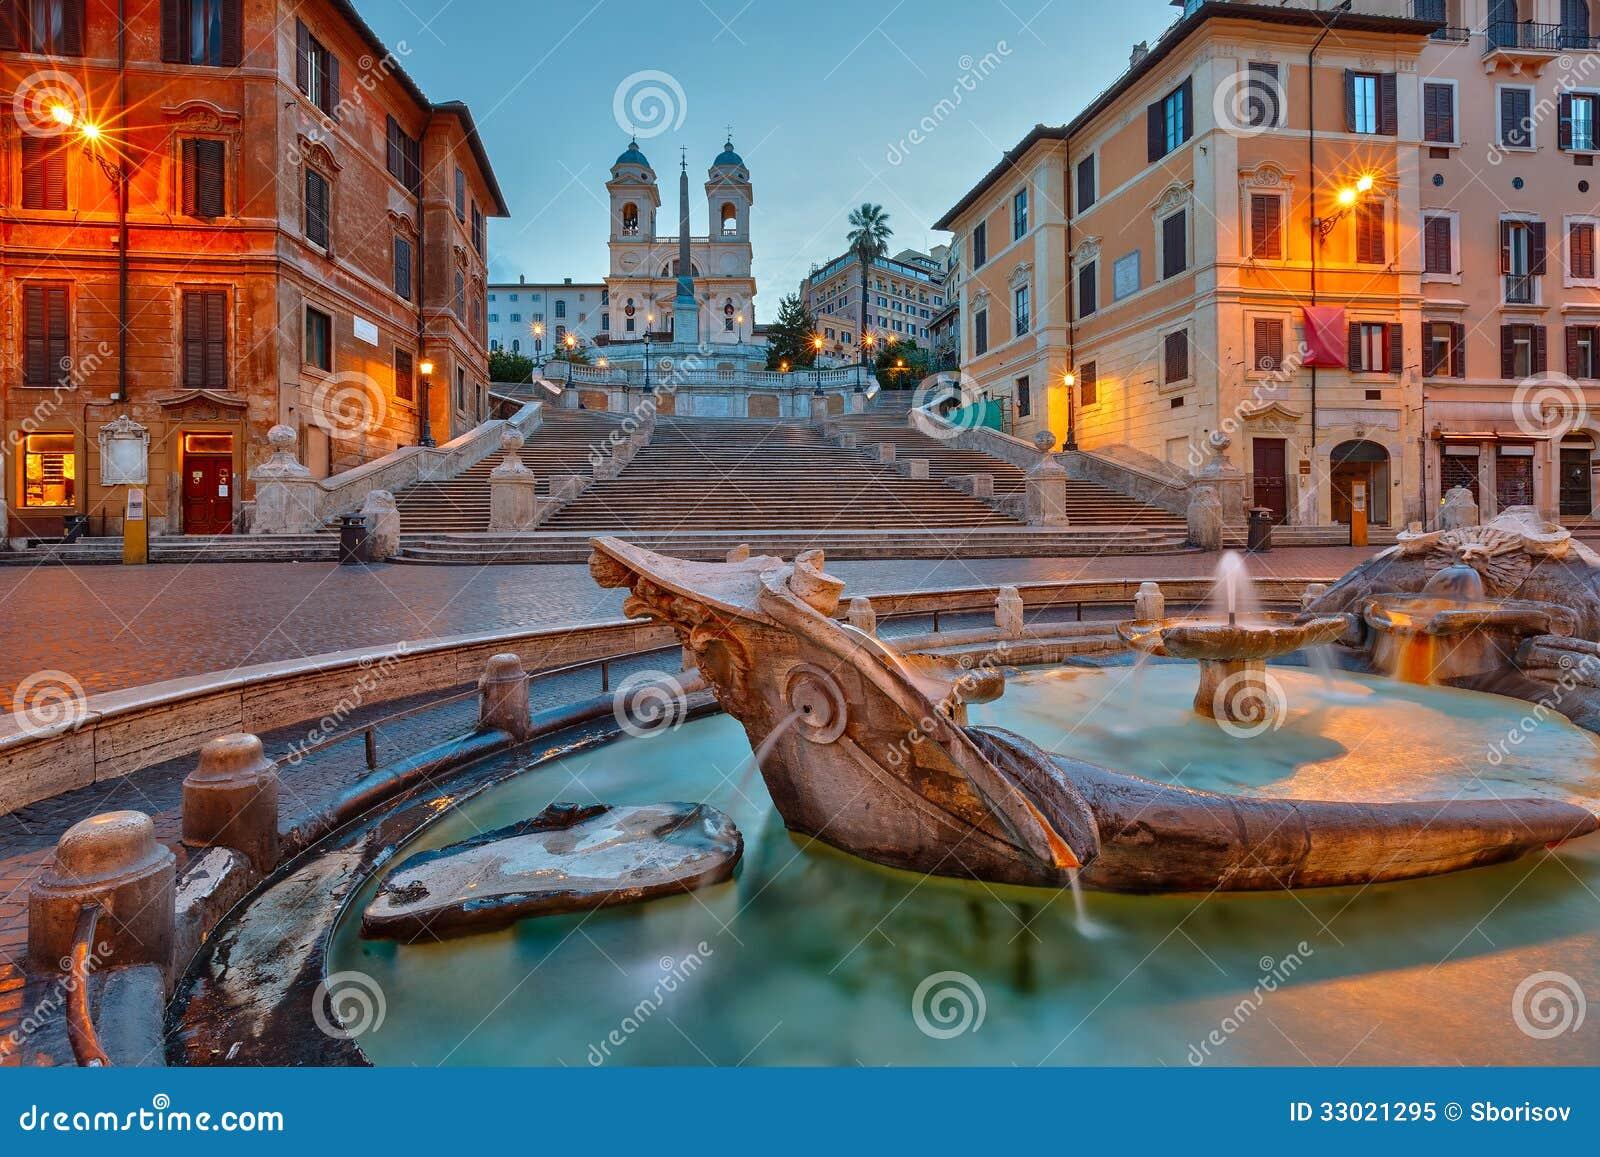 Ισπανικά βήματα στο σούρουπο, Ρώμη